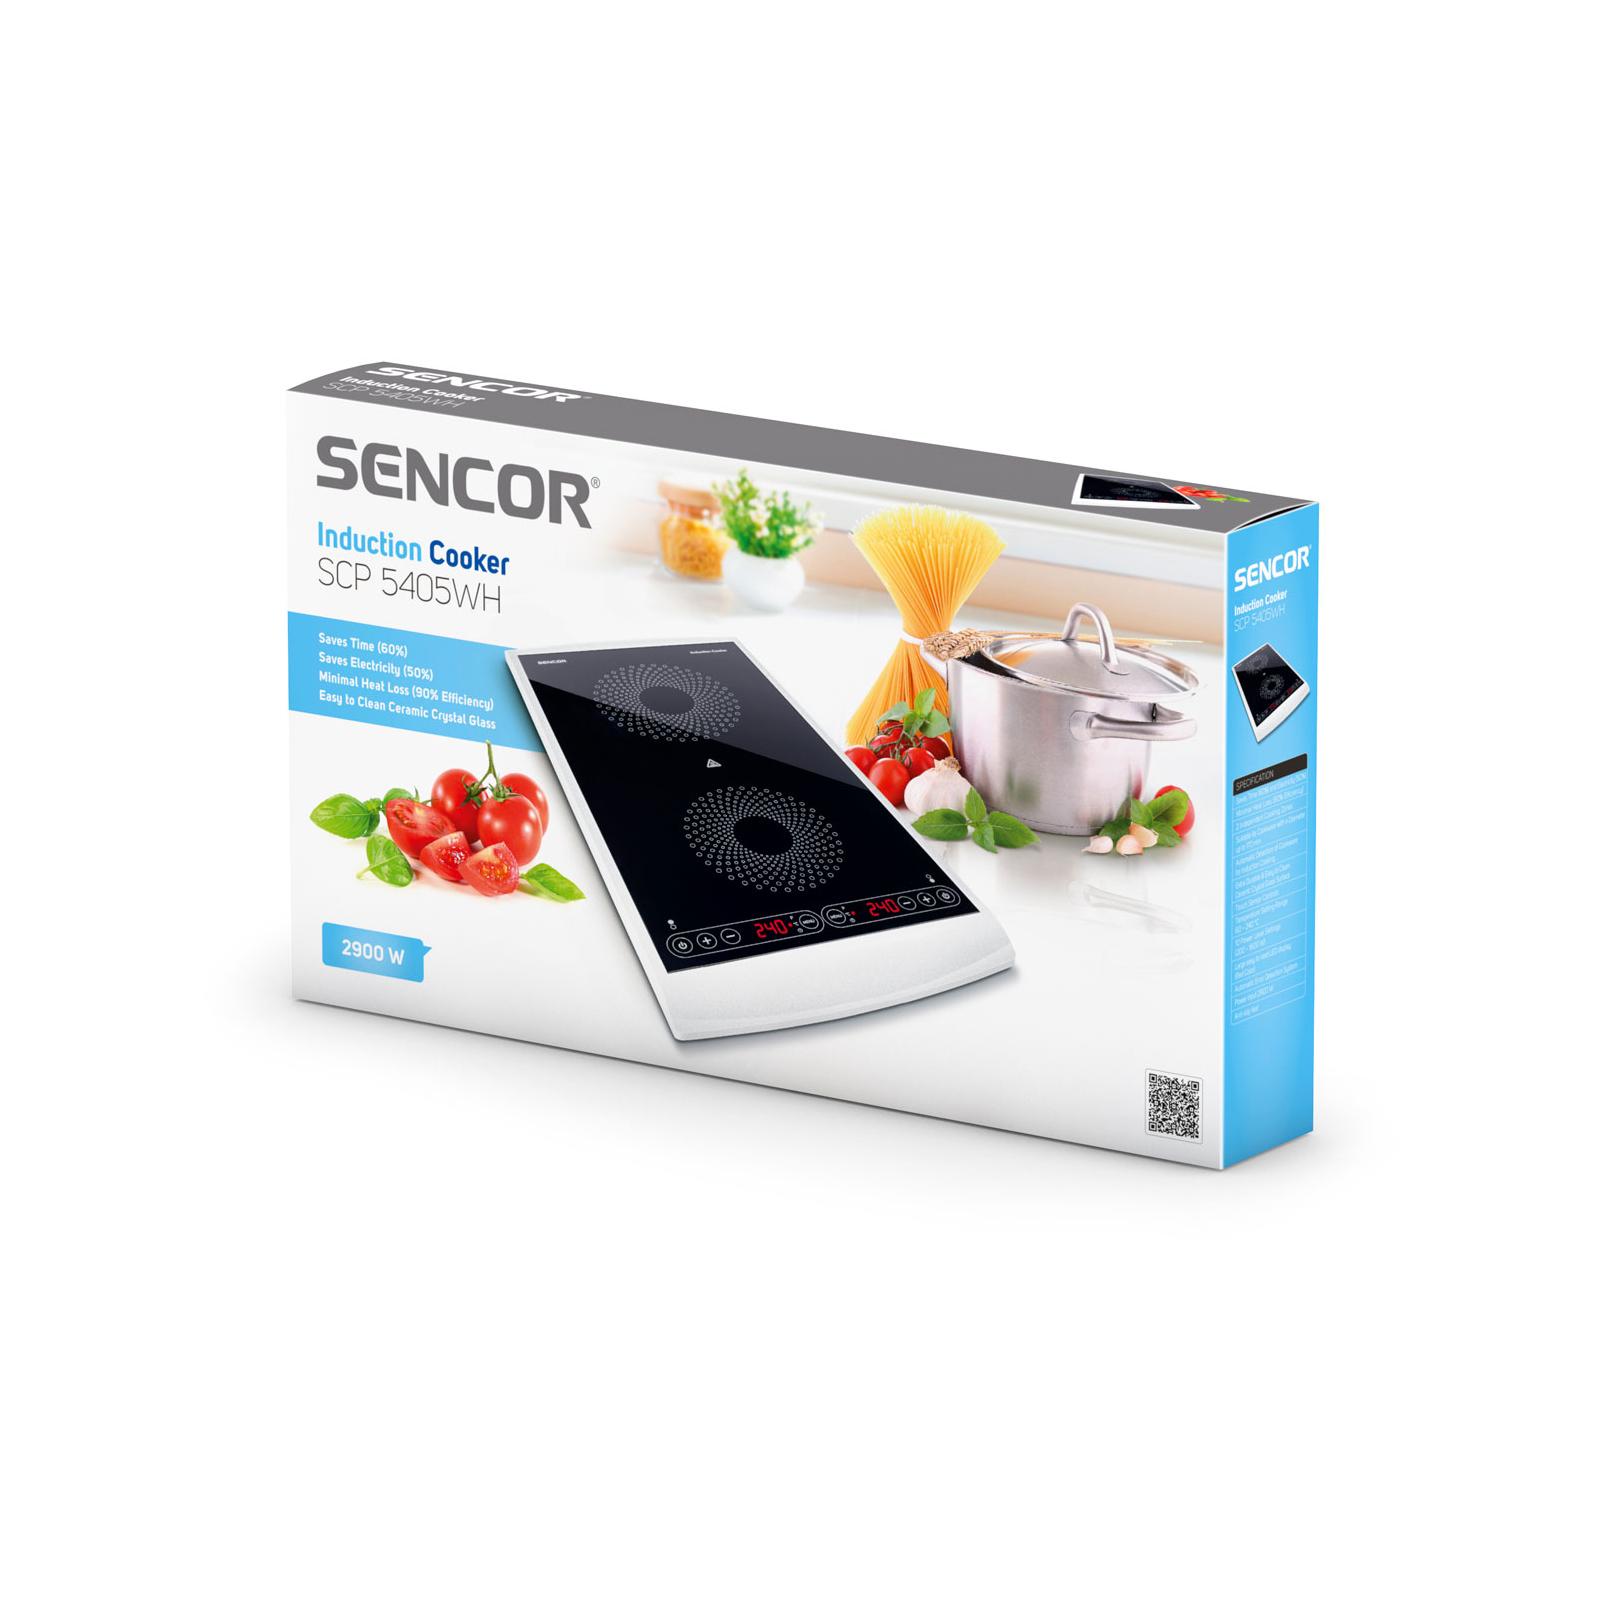 Электроплитка Sencor SCP 5405 WH (SCP5405WH) изображение 2